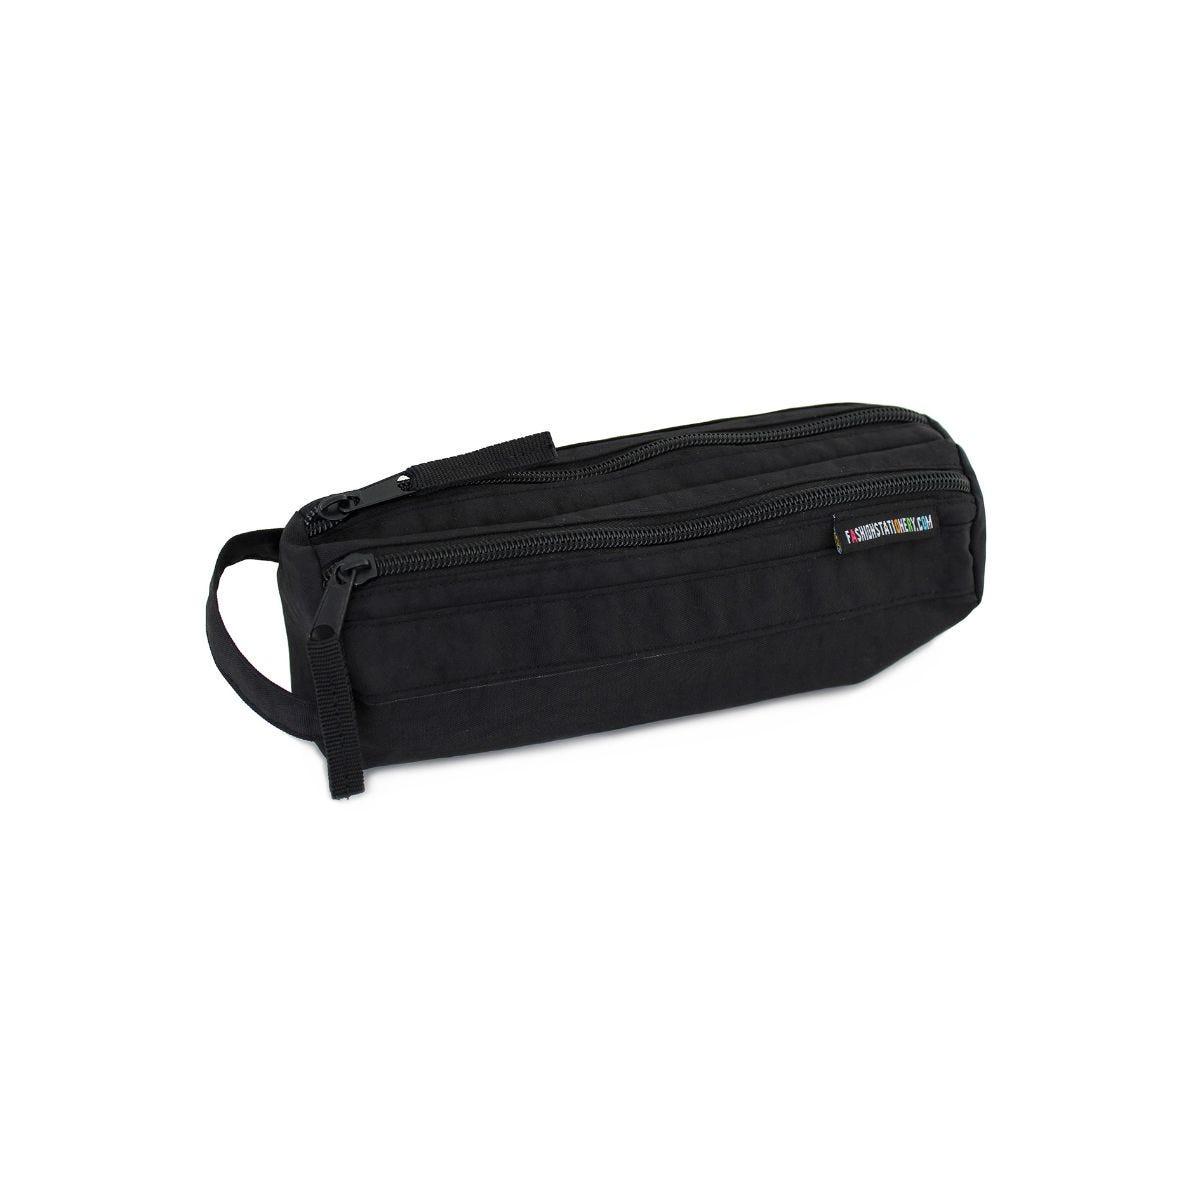 Image of 2 Zip Canvas Pencil Case Black, Black